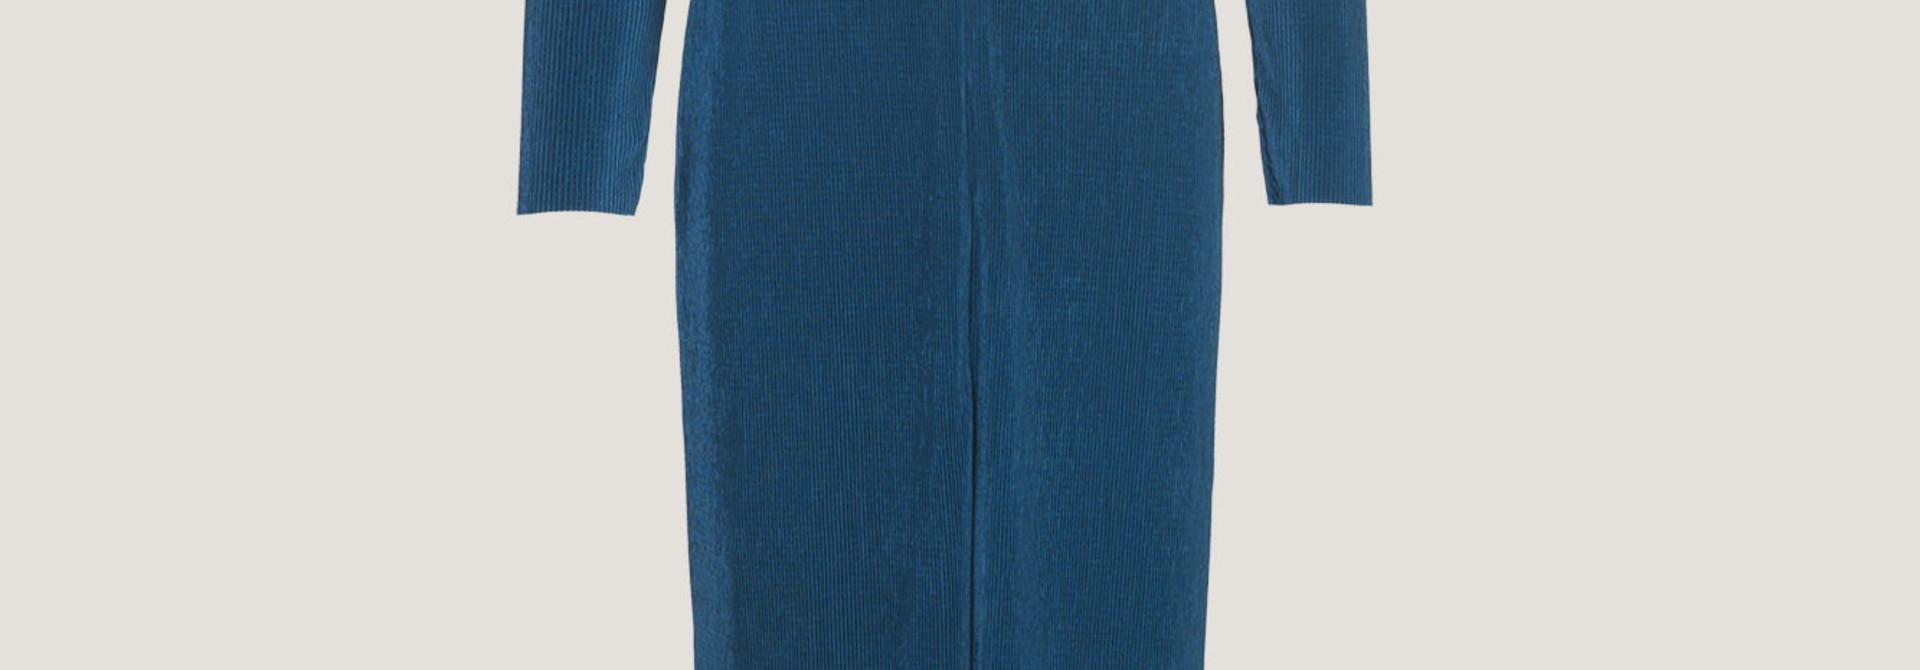 Olea Long dress Samsoe Samsoe